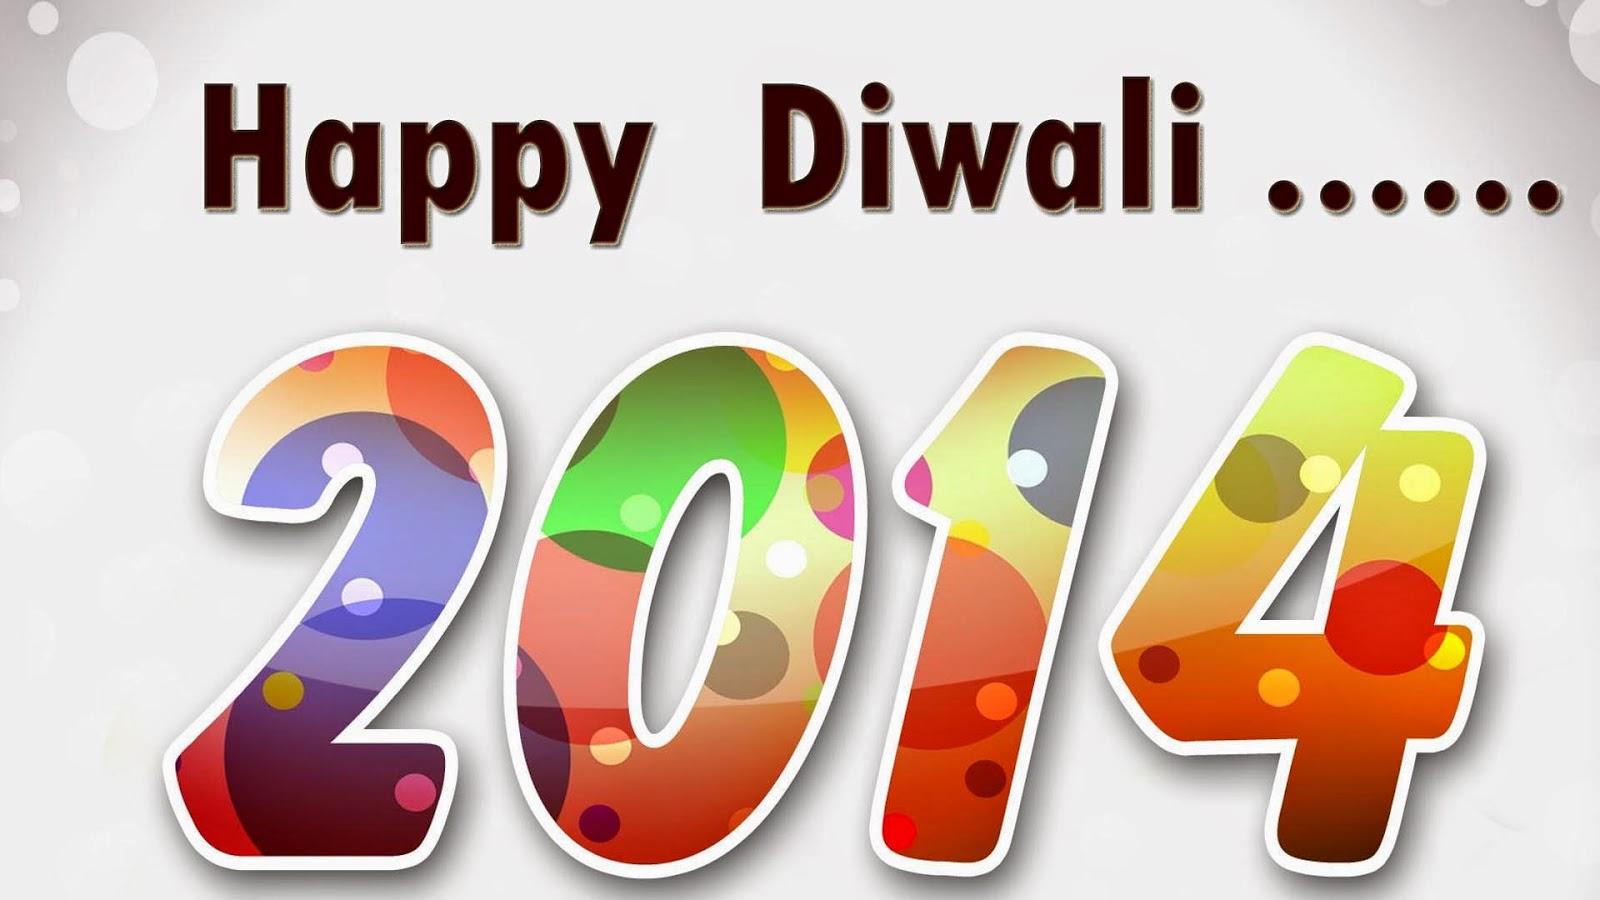 Diwali Wish Logo {special} Happy Diwali Wishes